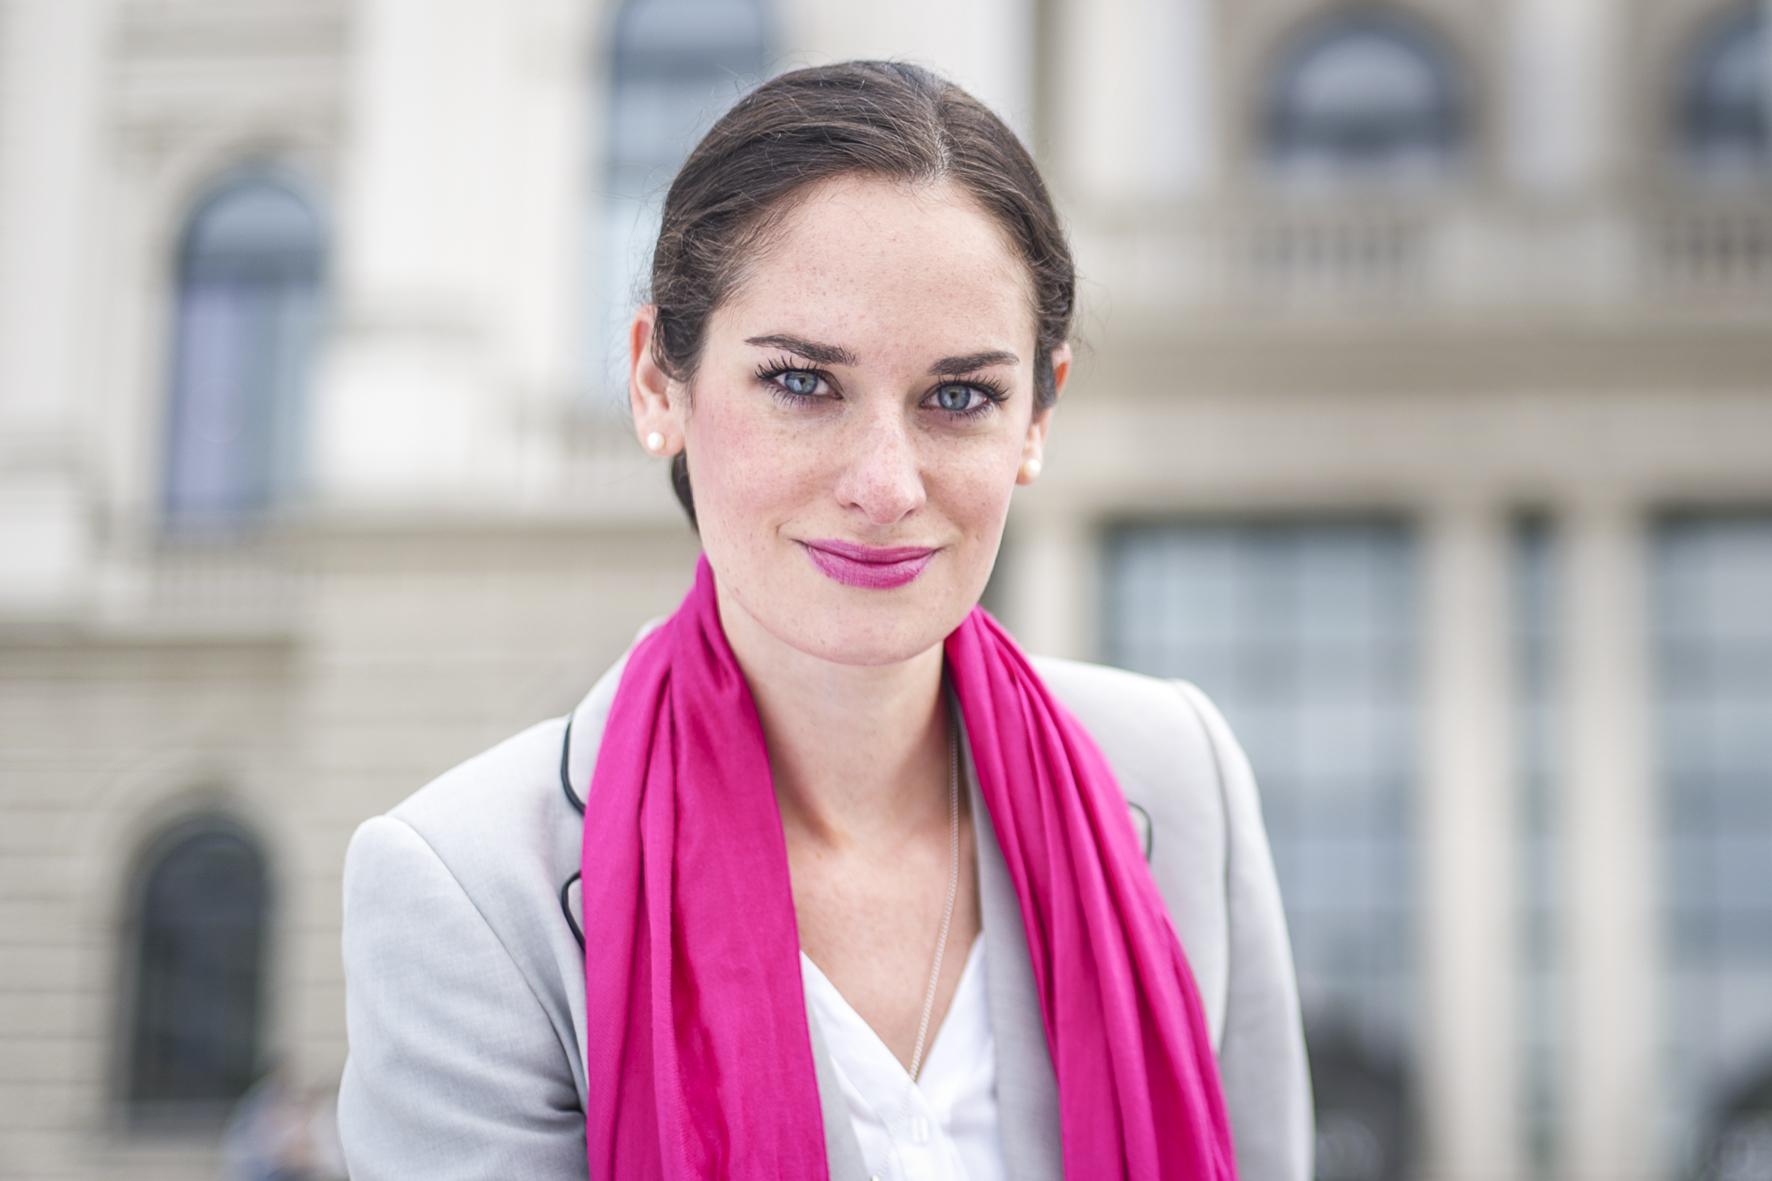 Nina Aryapour